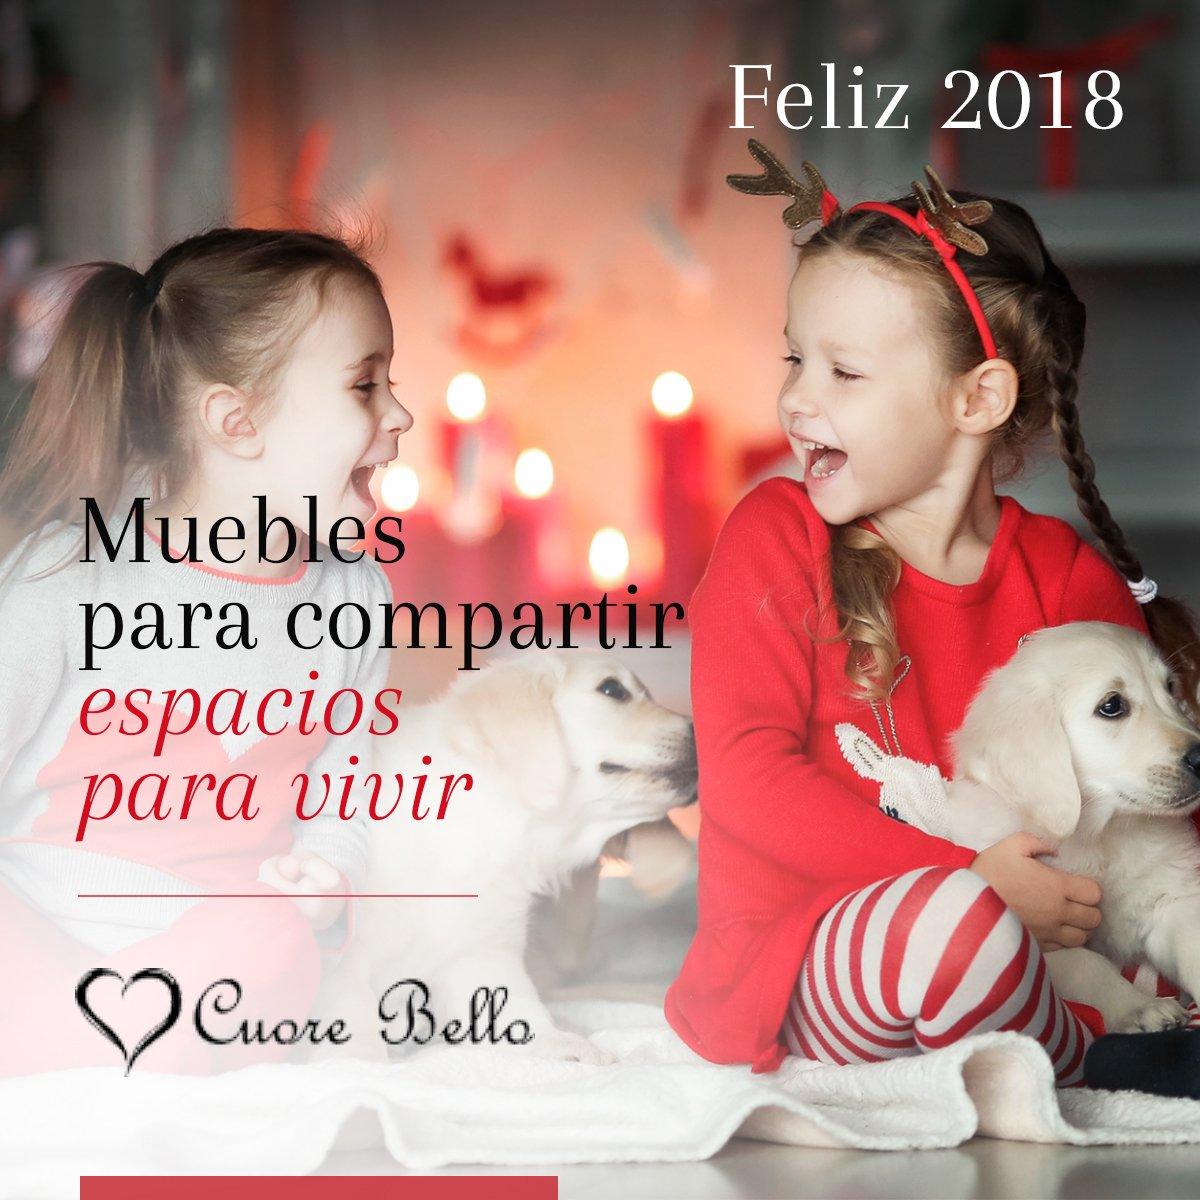 Cuore Bello On Twitter Porque La Navidad Es Para Compartirla  # Muebles Faustino Punzon